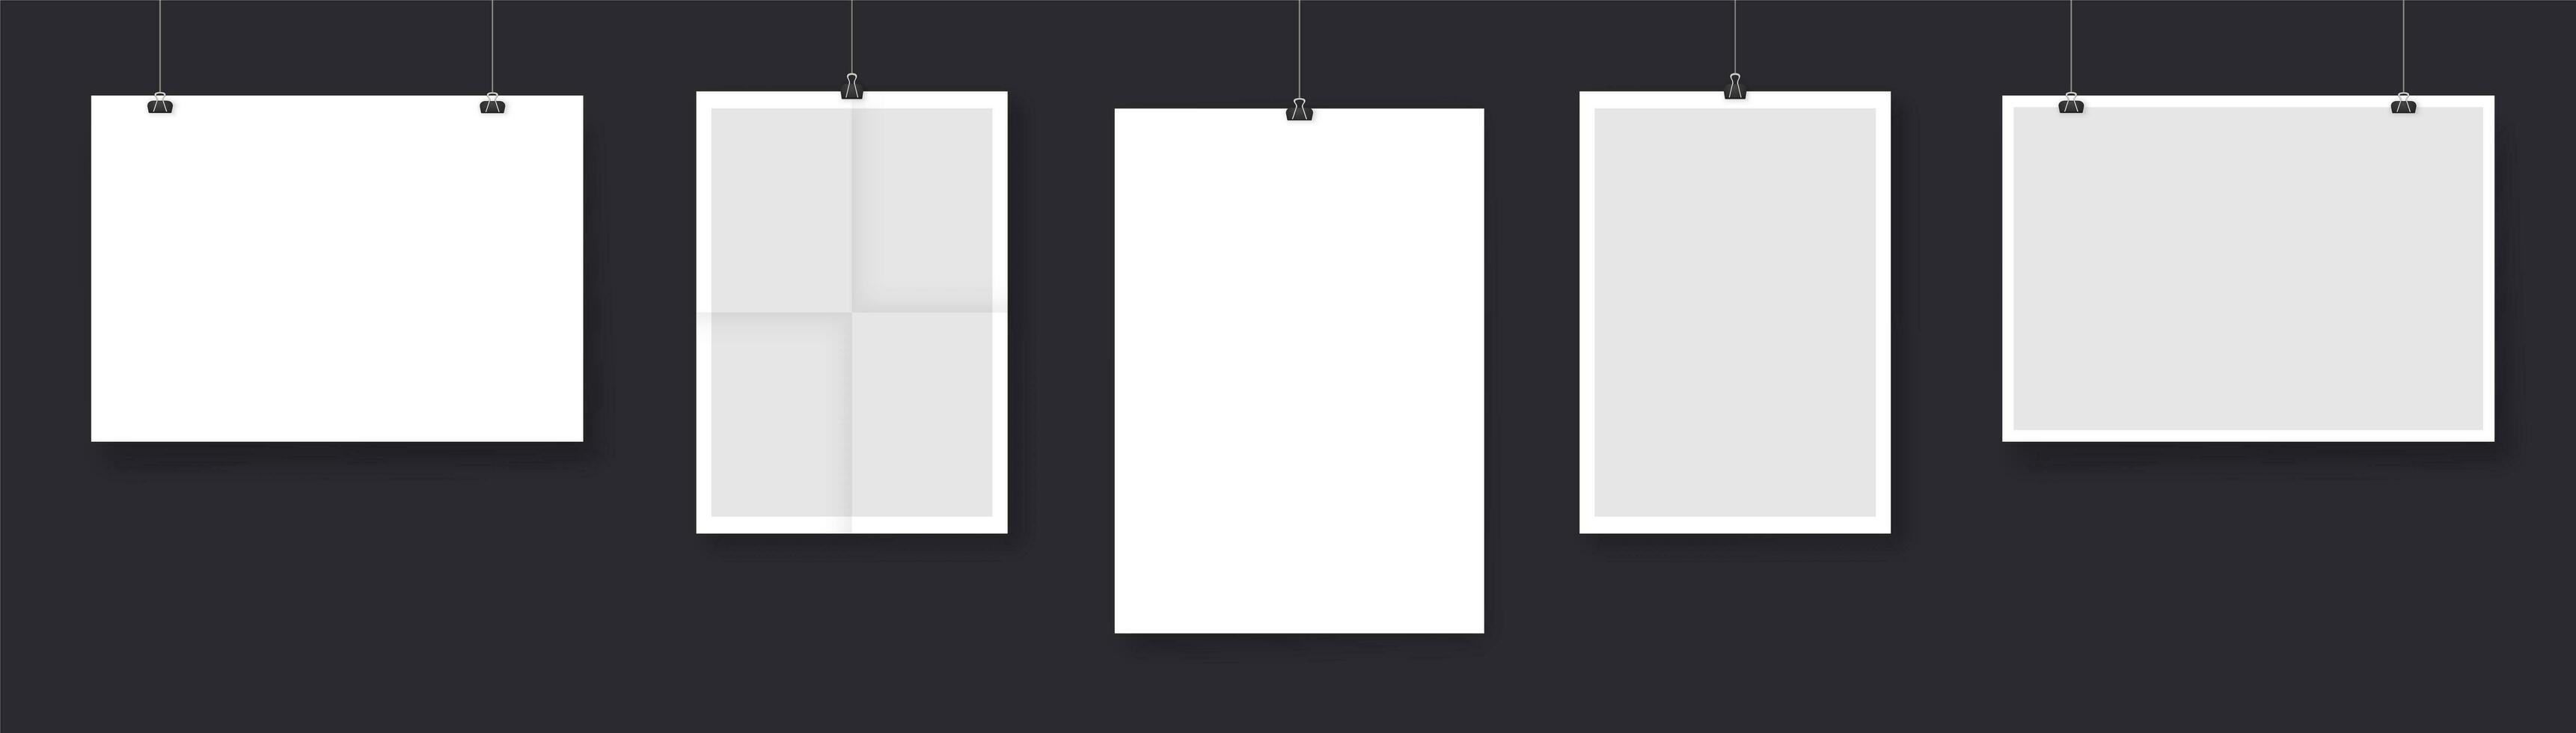 colección de tarjetas de papel colgando de cuerdas vector